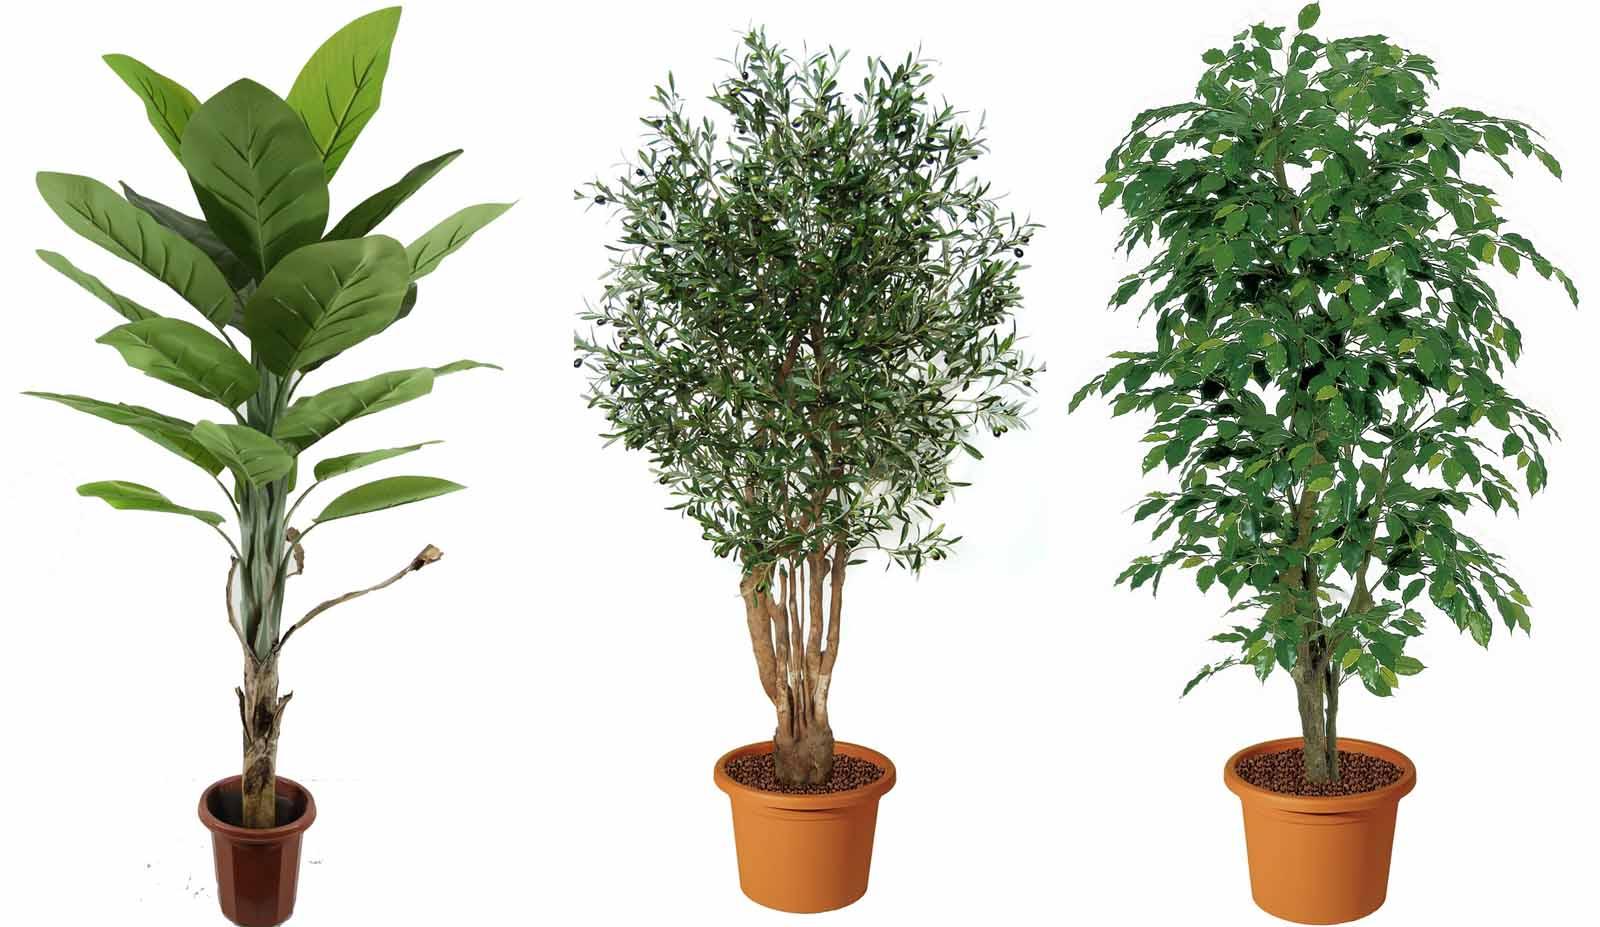 Piante artificiali guida a come usarle in giardino - Porta piante da esterno ...